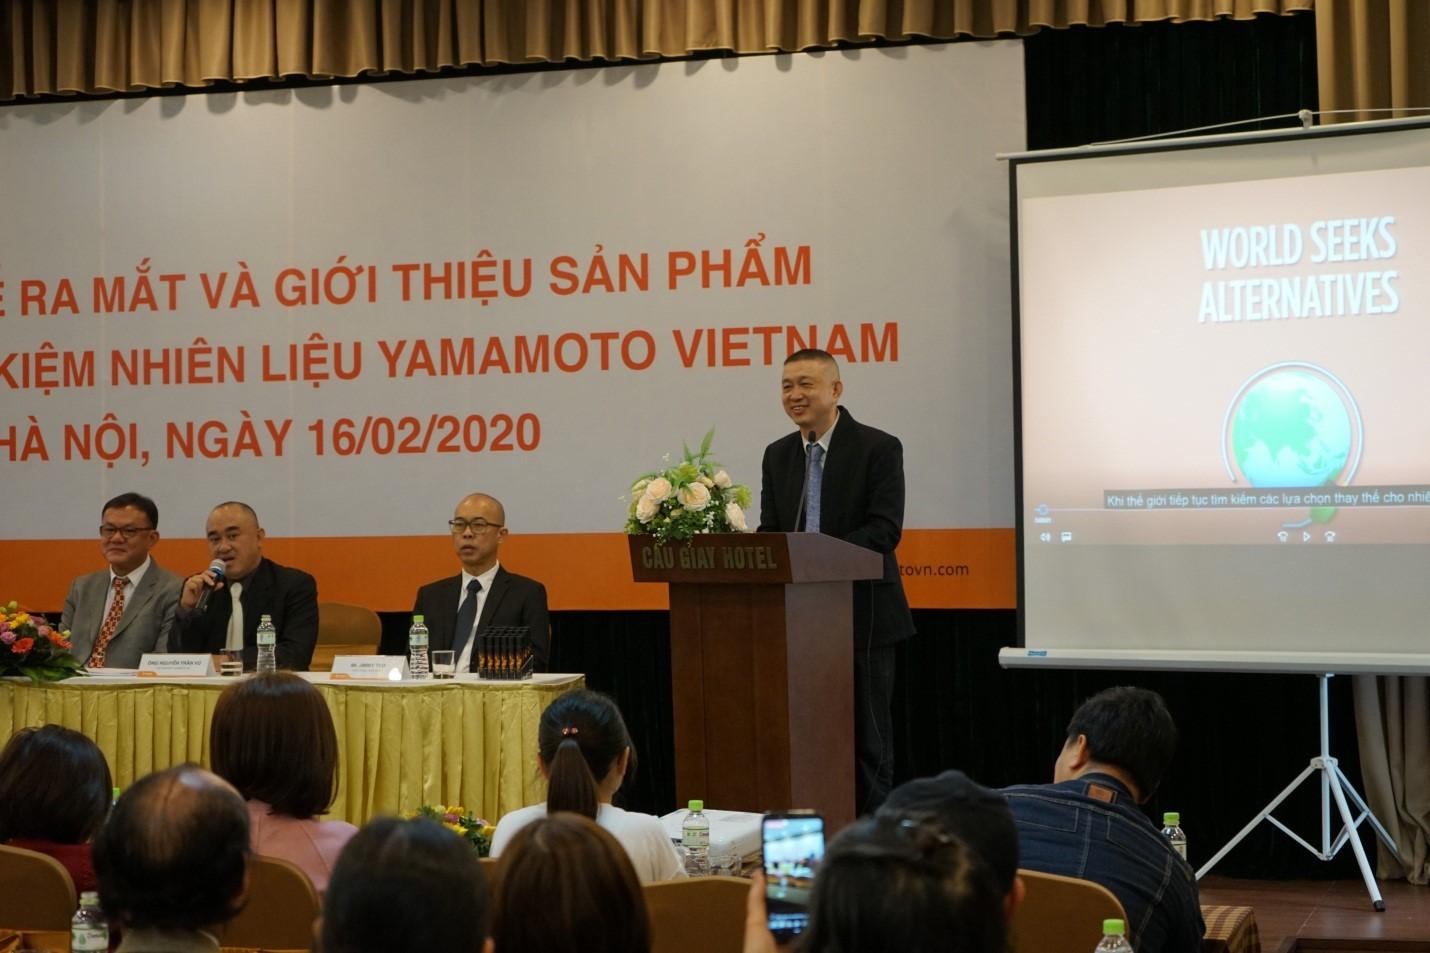 Lễ ra mắt và giới thiệu sản phẩm  Viên nén tối ưu hóa động cơ và tiết kiệm nhiên liệu Yamamoto tại Việt Nam